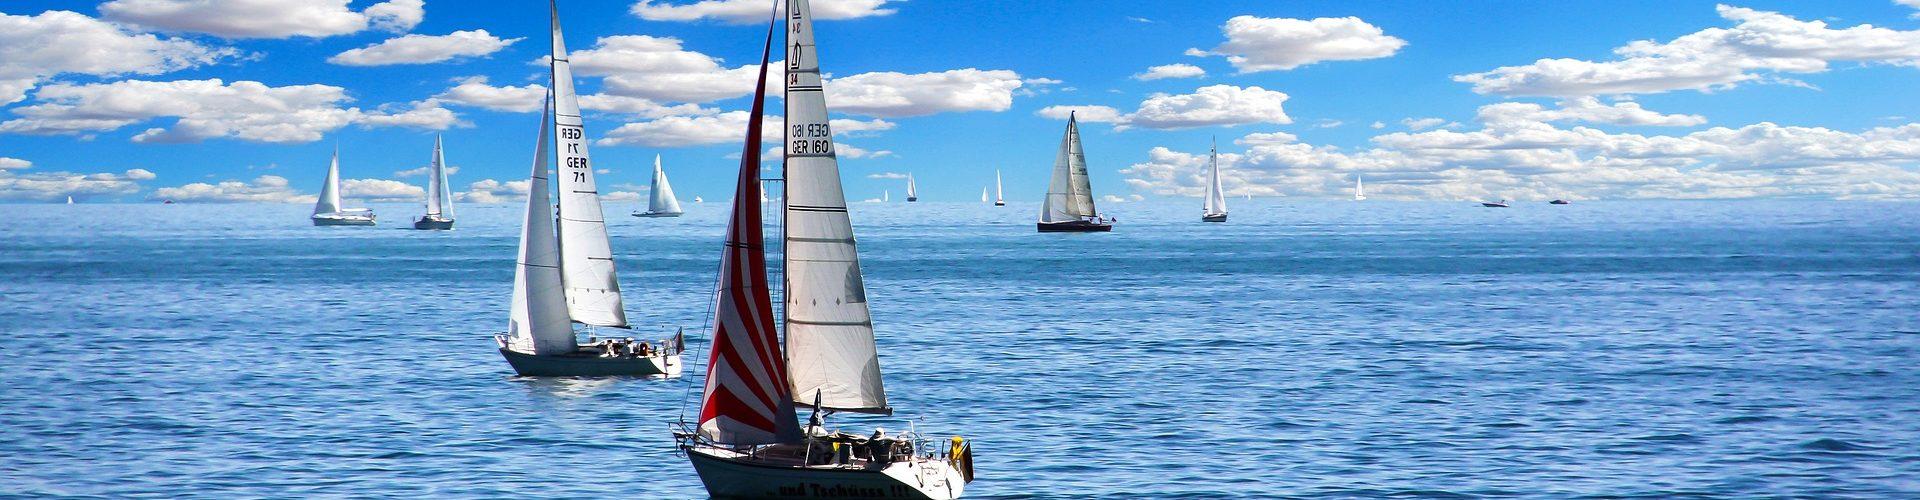 segeln lernen in Rheinberg segelschein machen in Rheinberg 1920x500 - Segeln lernen in Rheinberg